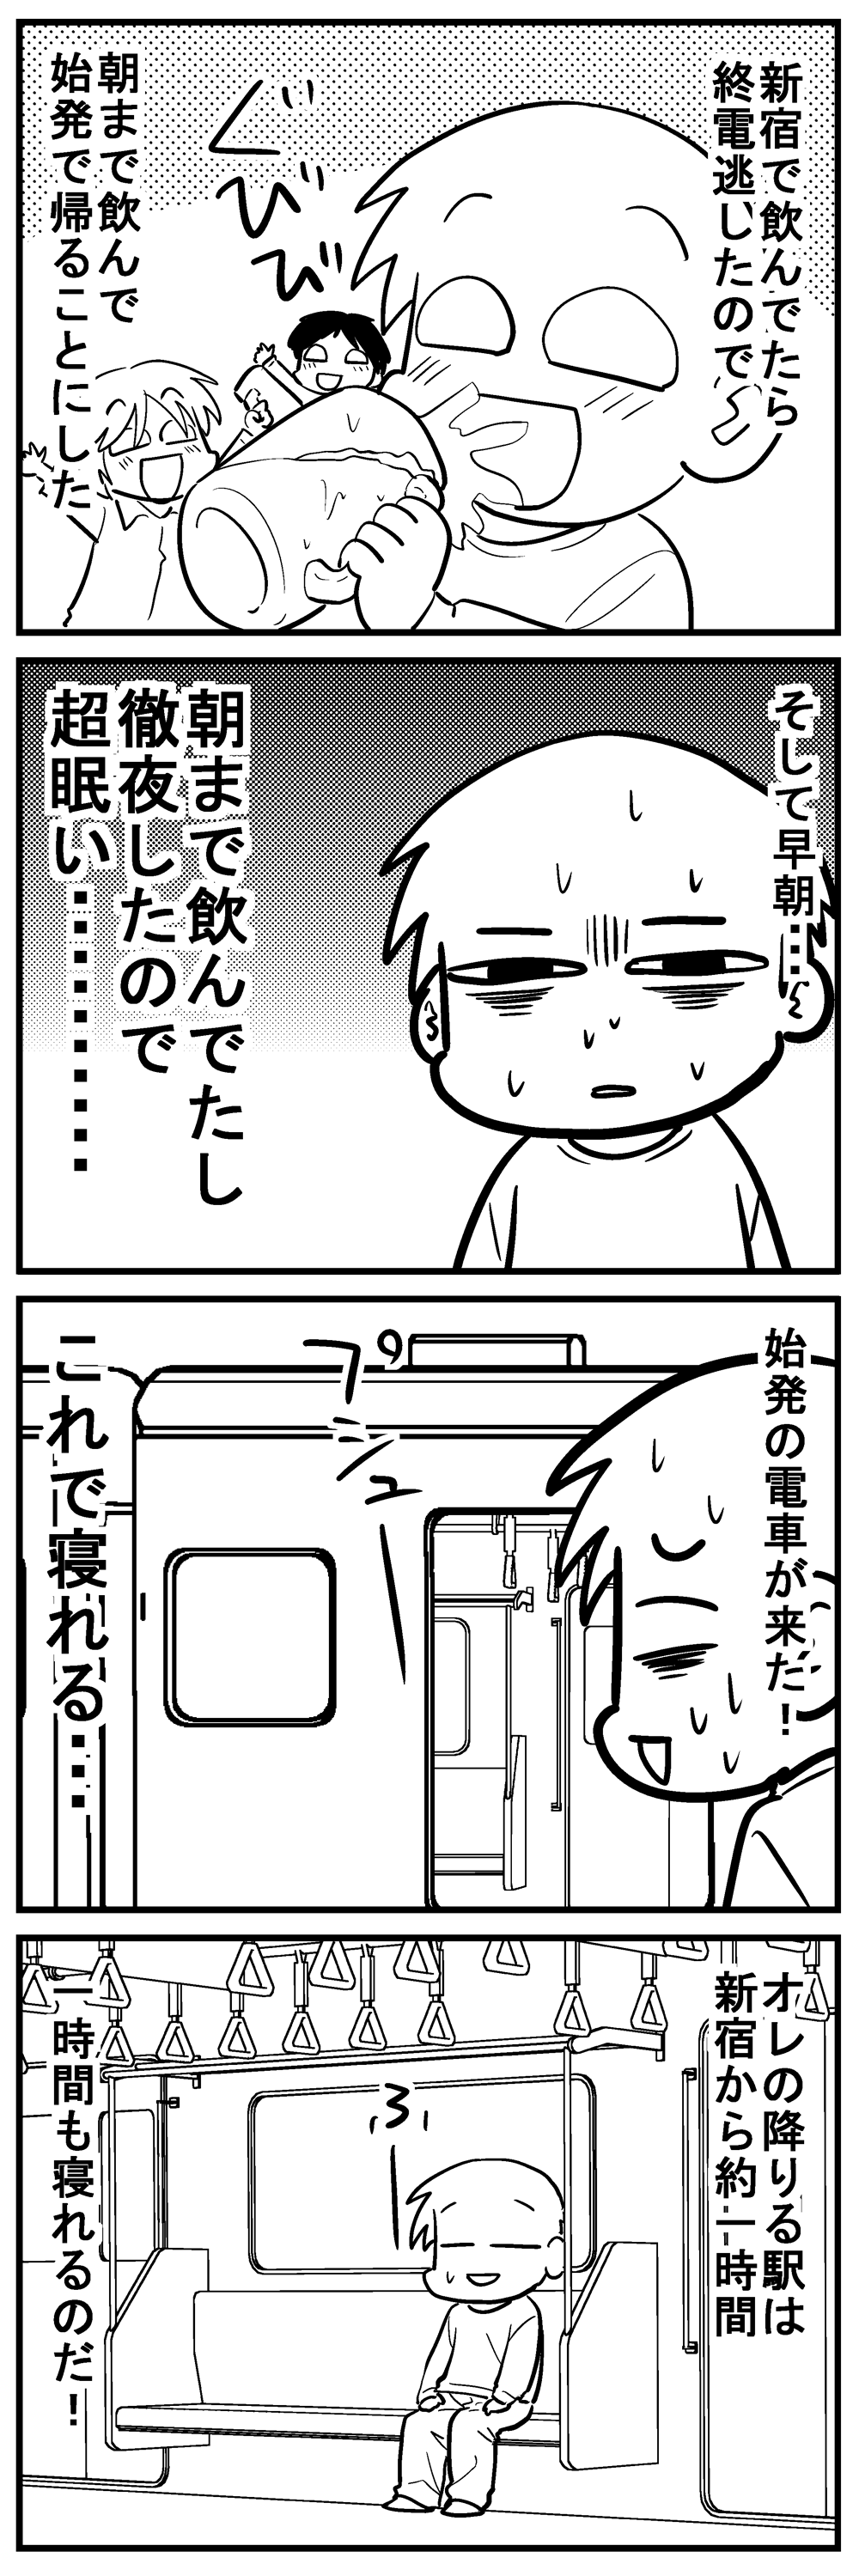 深読みくん117 1